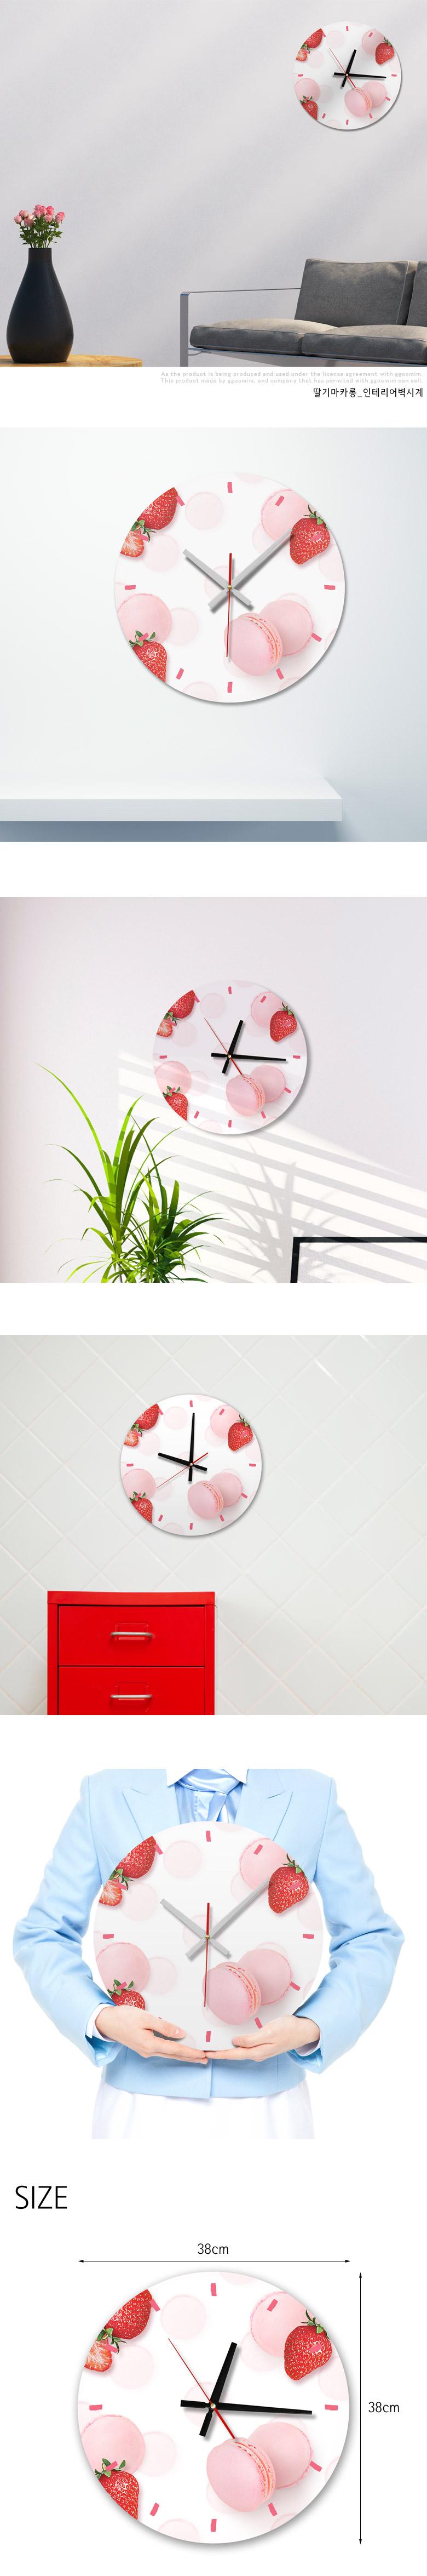 cb199-딸기마카롱_인테리어벽시계 - 꾸밈, 19,600원, 벽시계, 무소음/저소음